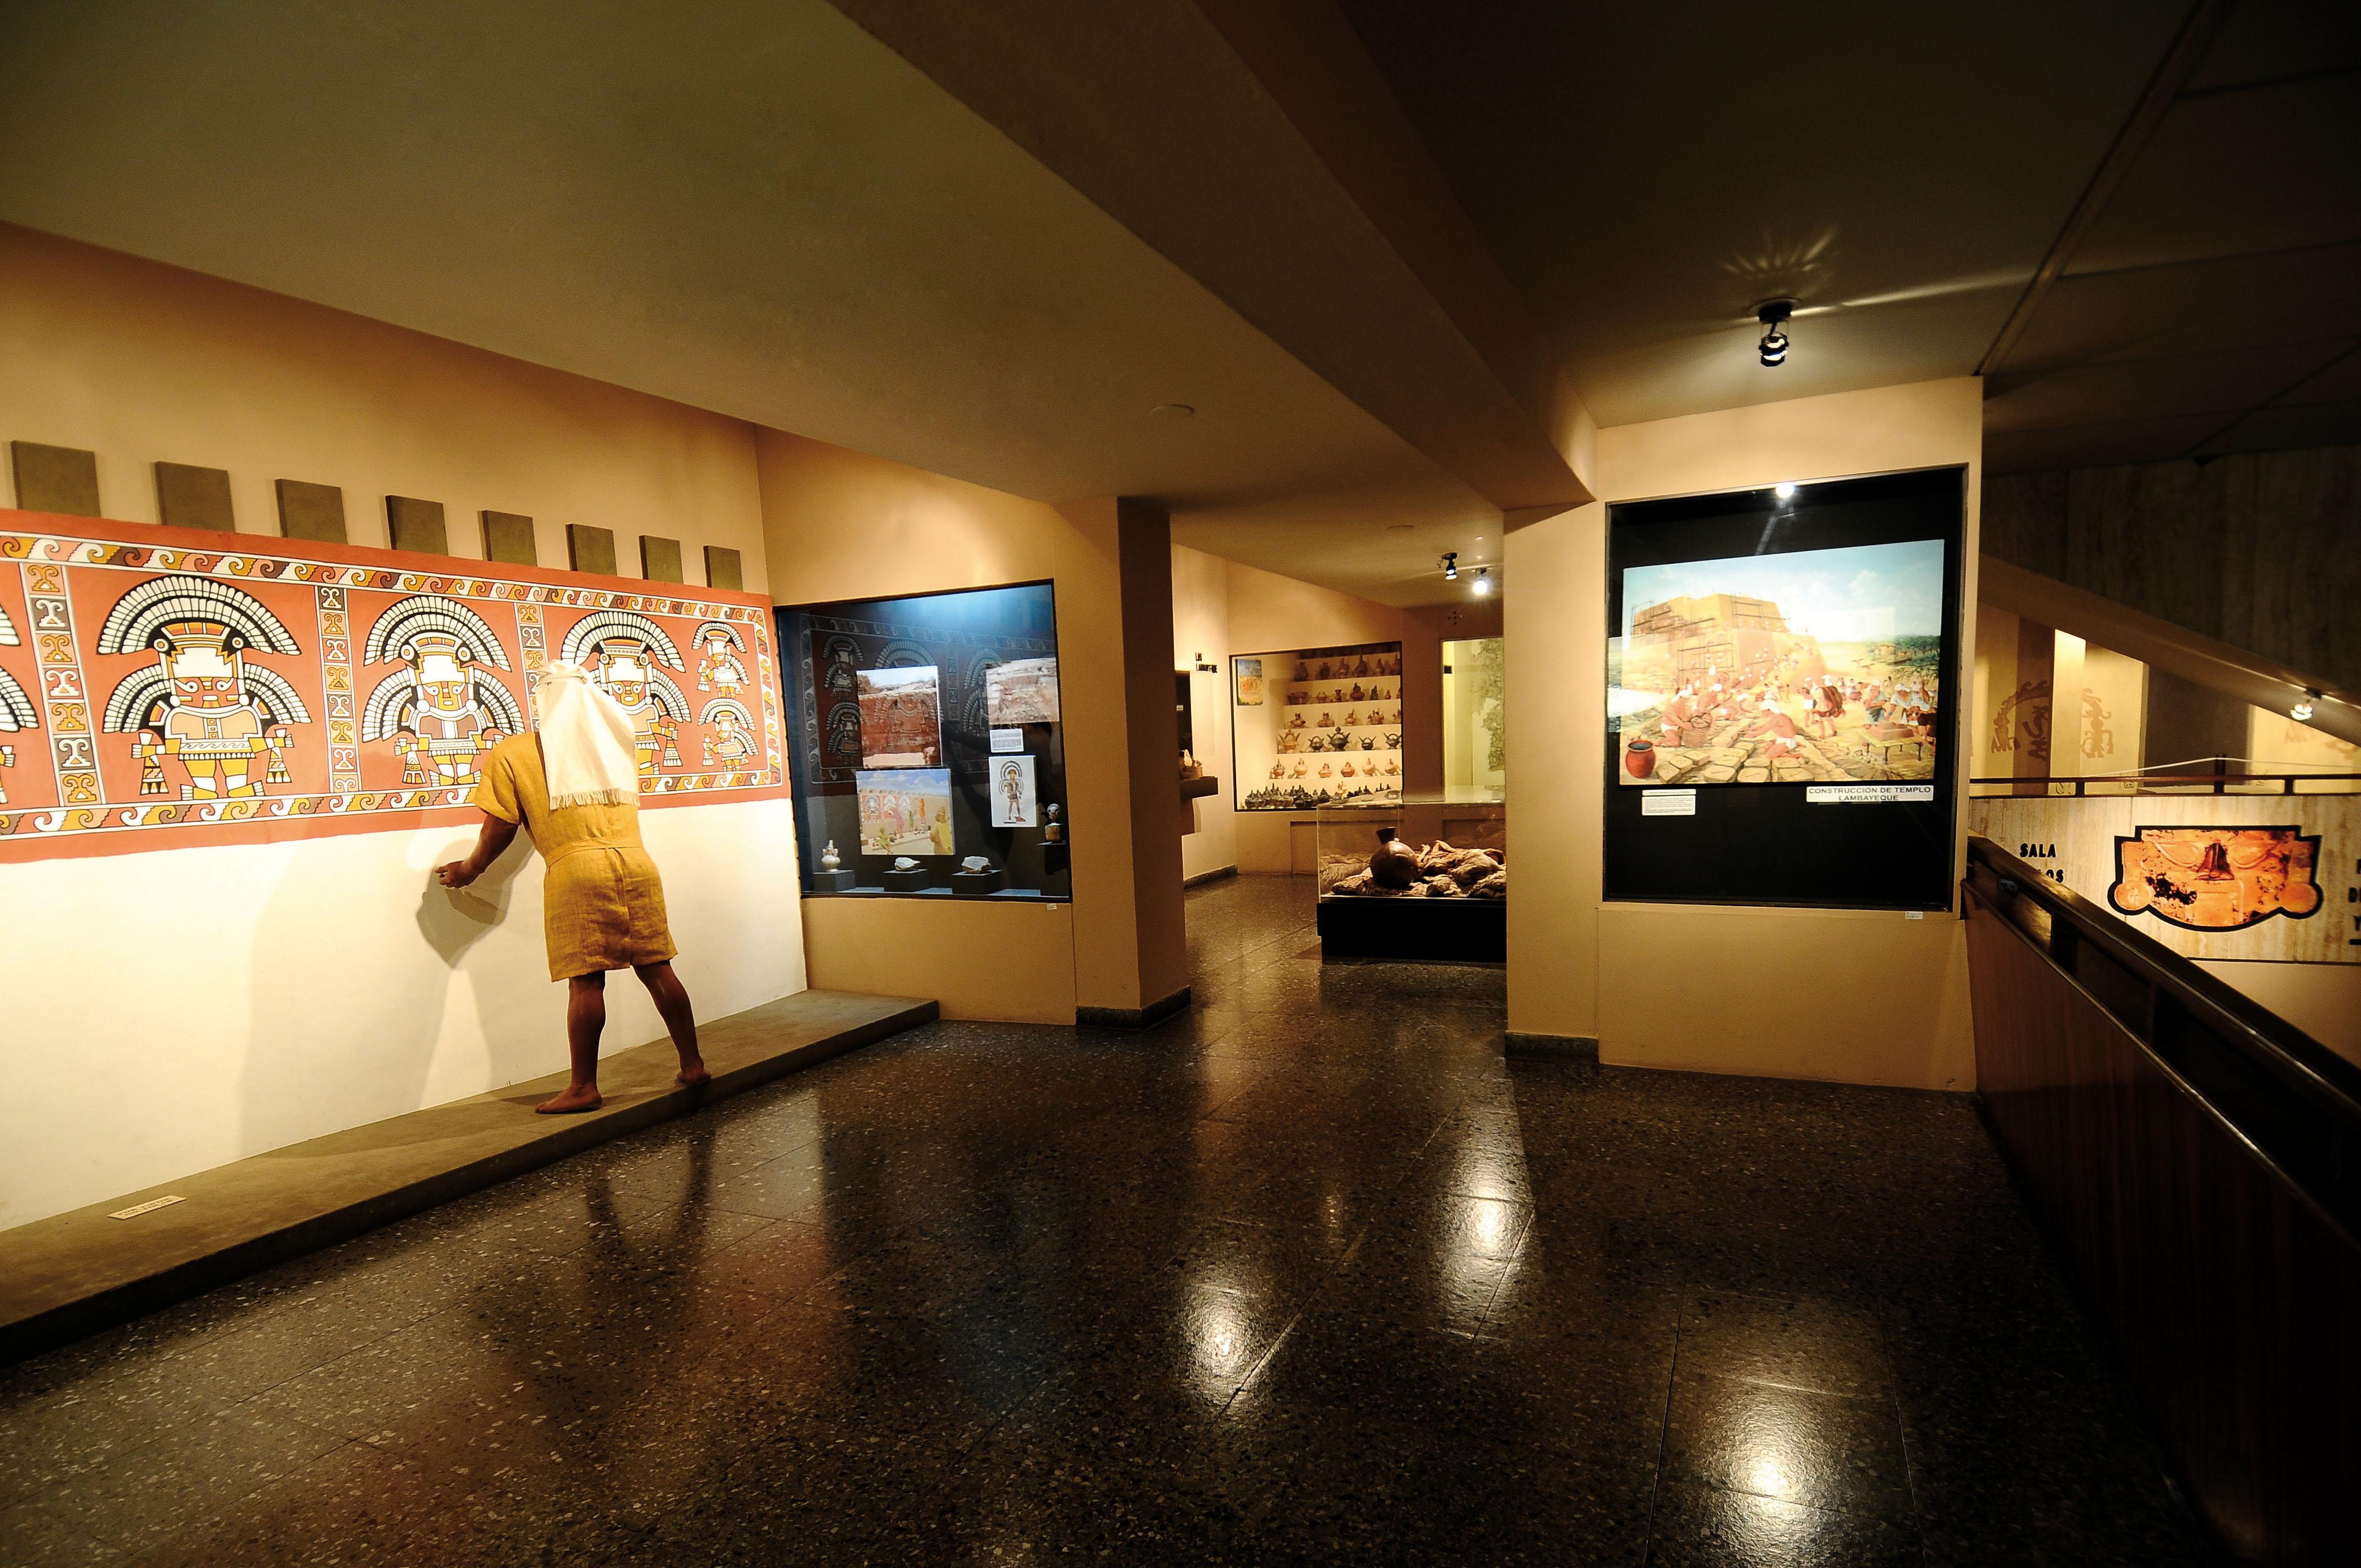 Direcci n general de museos ministerio de cultura for Direccion ministerio del interior bogota